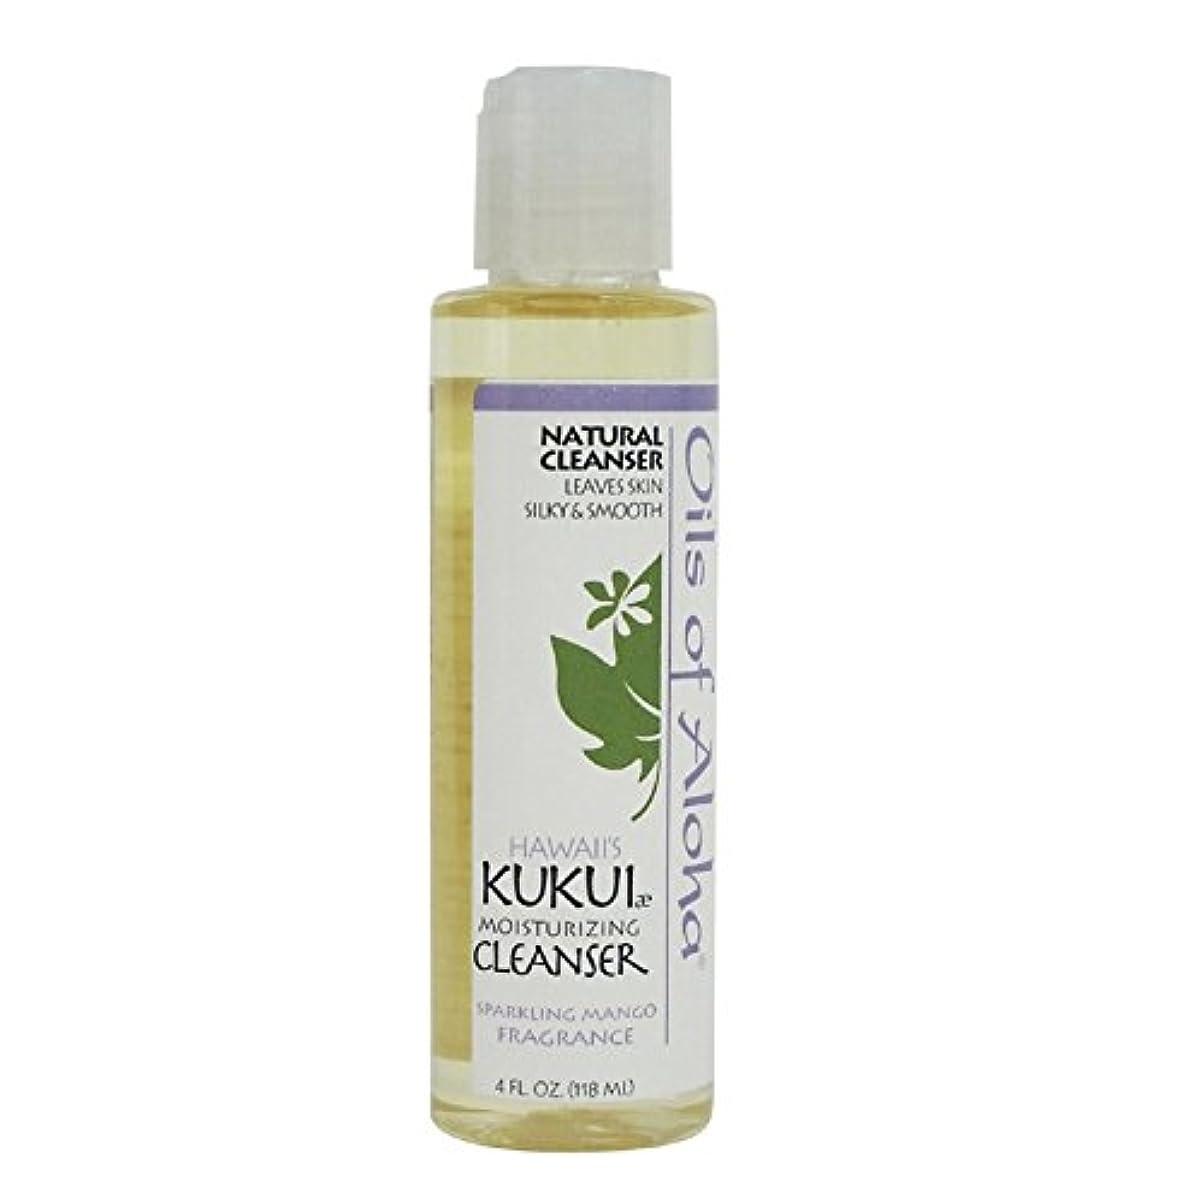 収入まどろみのある乱雑なKukui Moisturizing Cleanser/118ml/4oz/クレンジングオイル